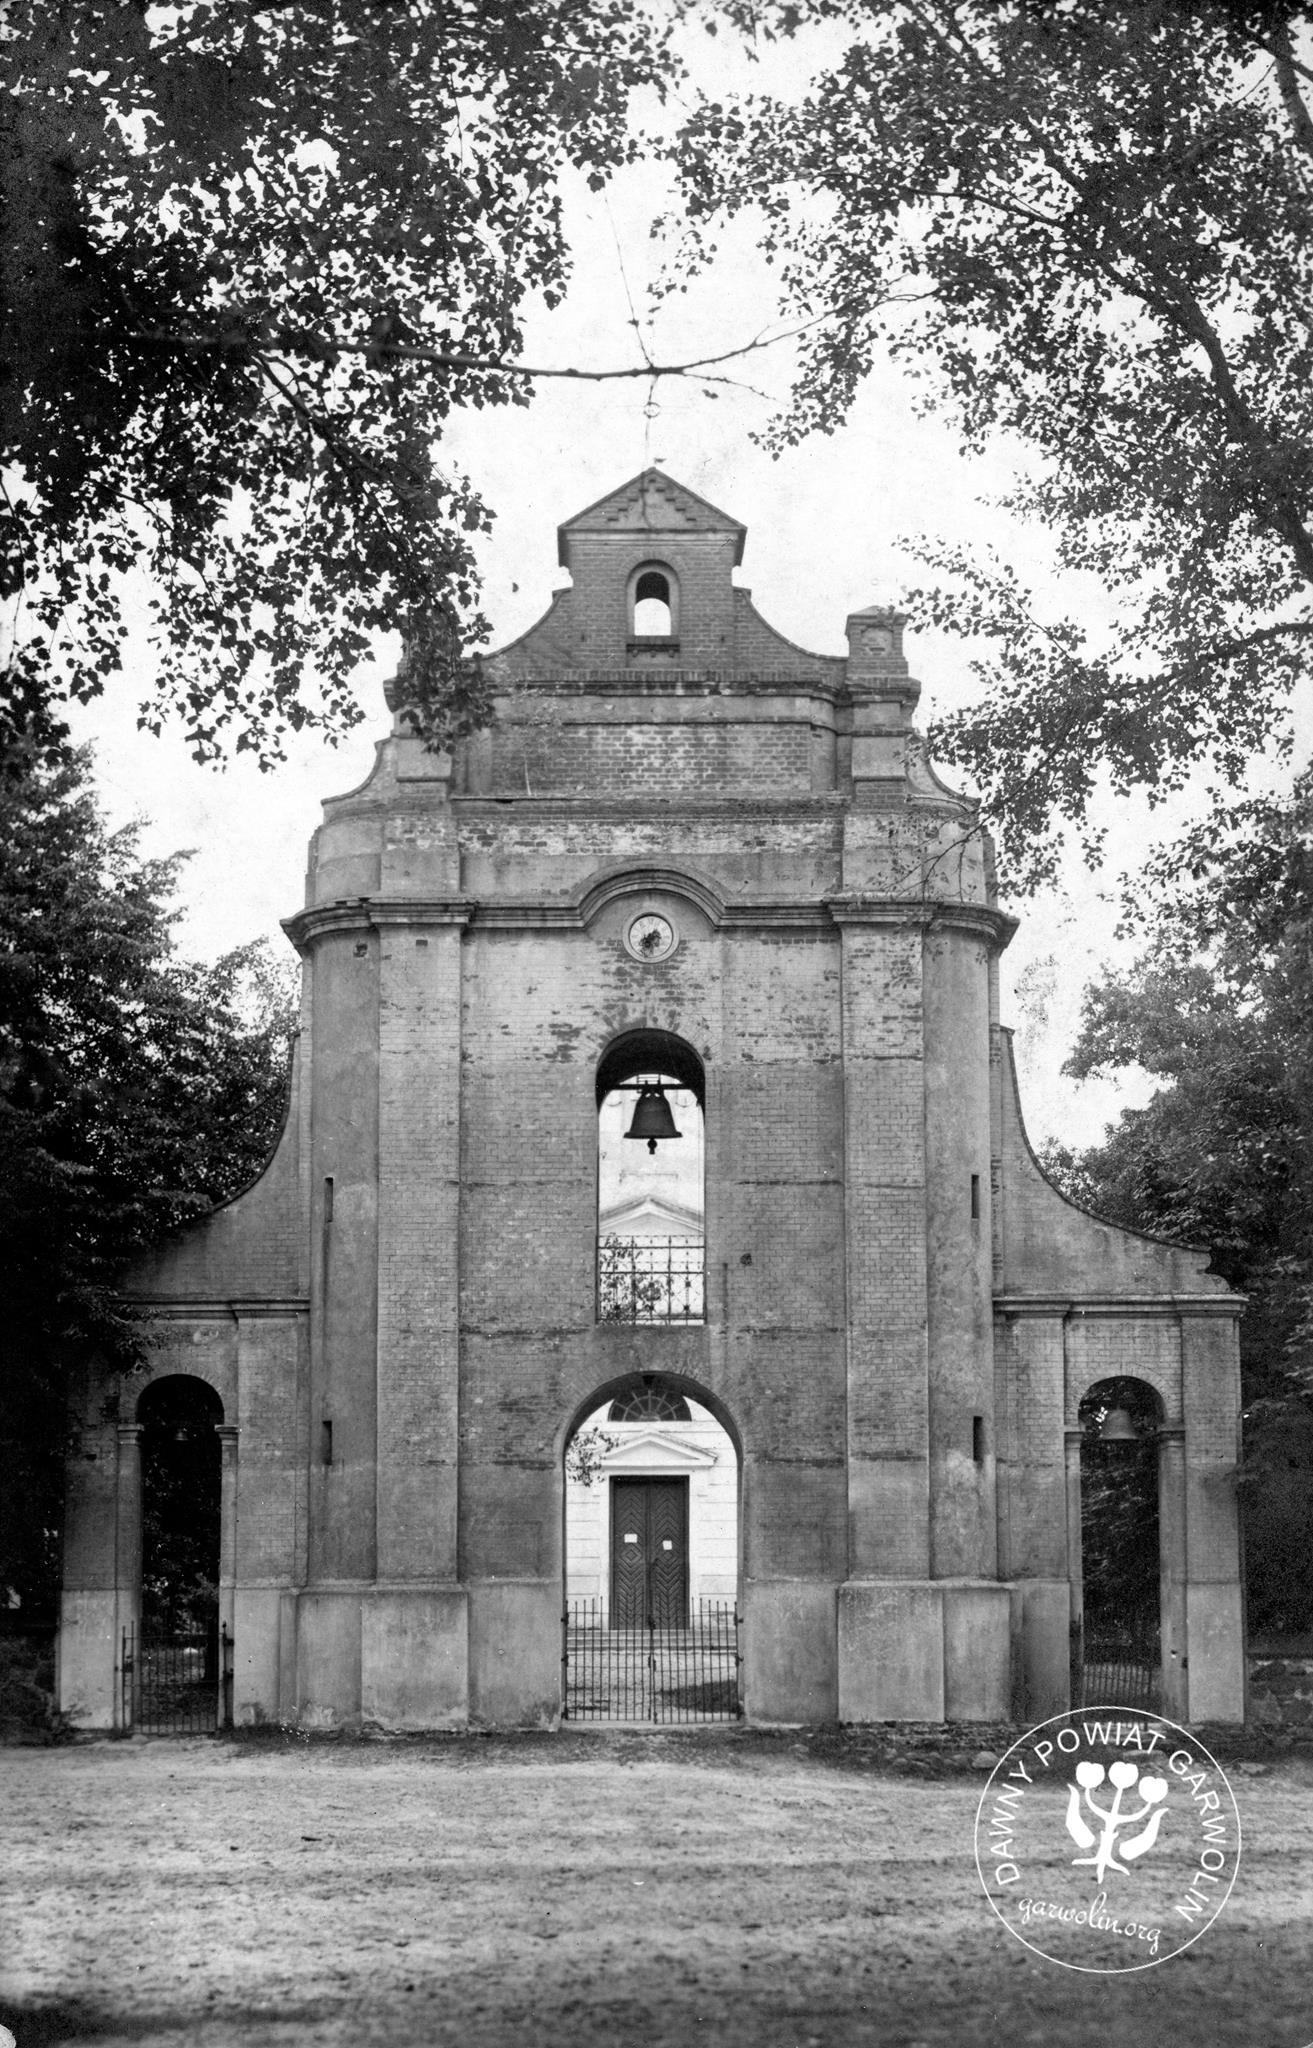 Brama przed kościołem w Borowiu